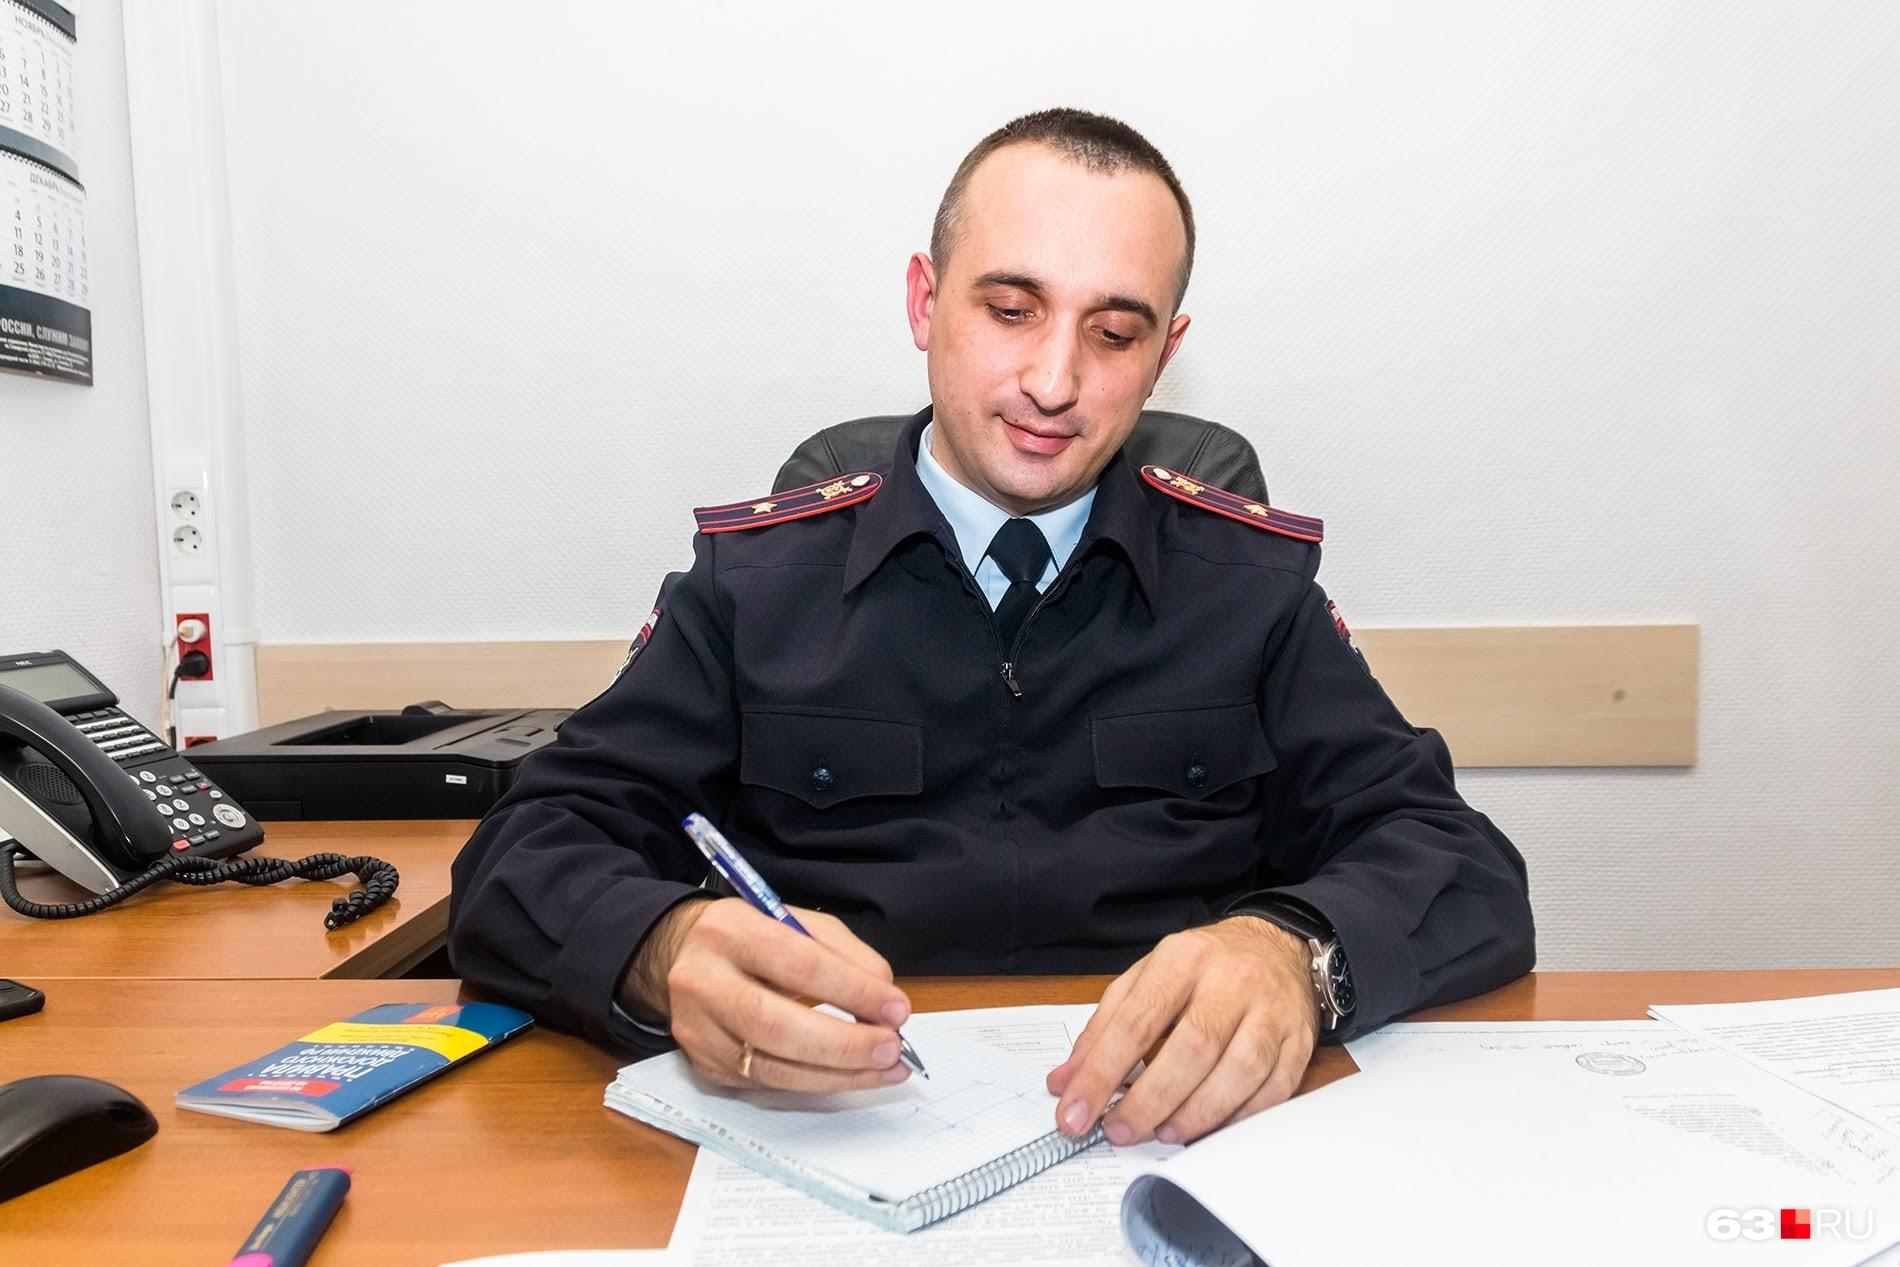 Руководитель ЦАФАП рекомендует писать и подписывать обращения от руки